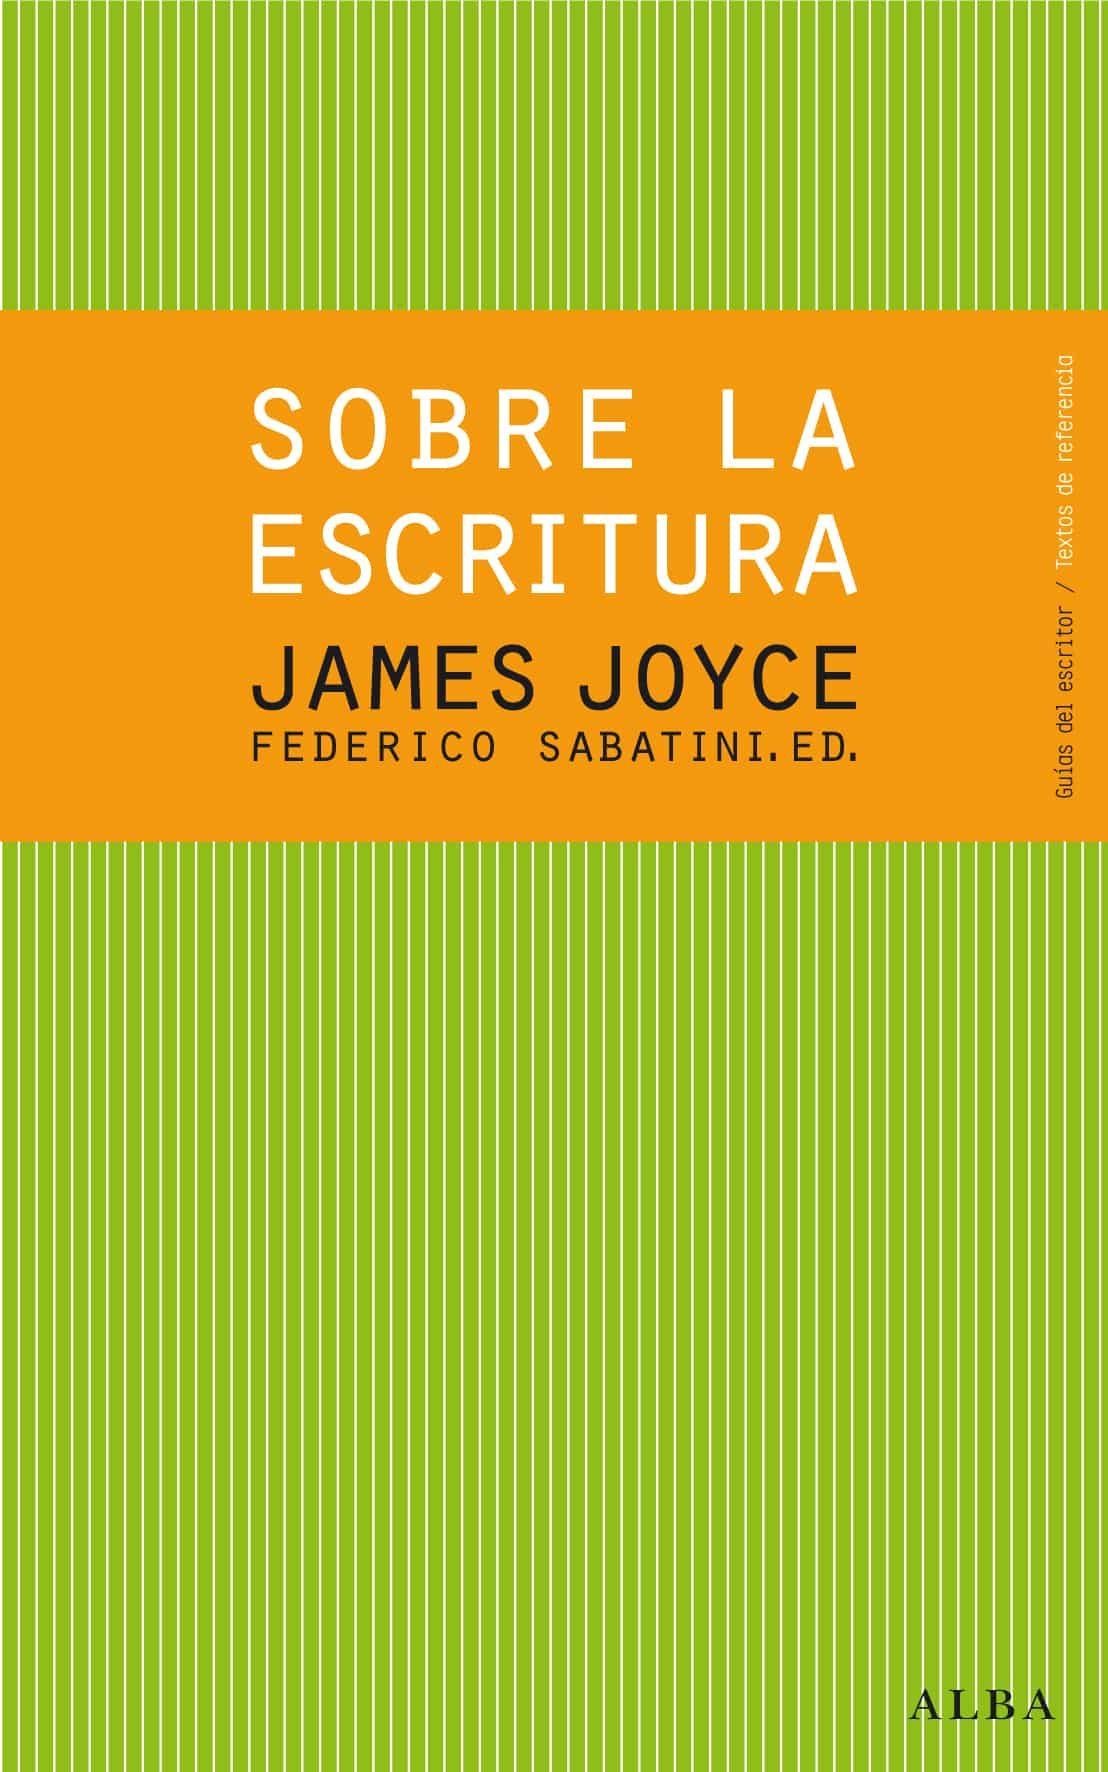 Resultado de imagen para sobre la escritura james joyce